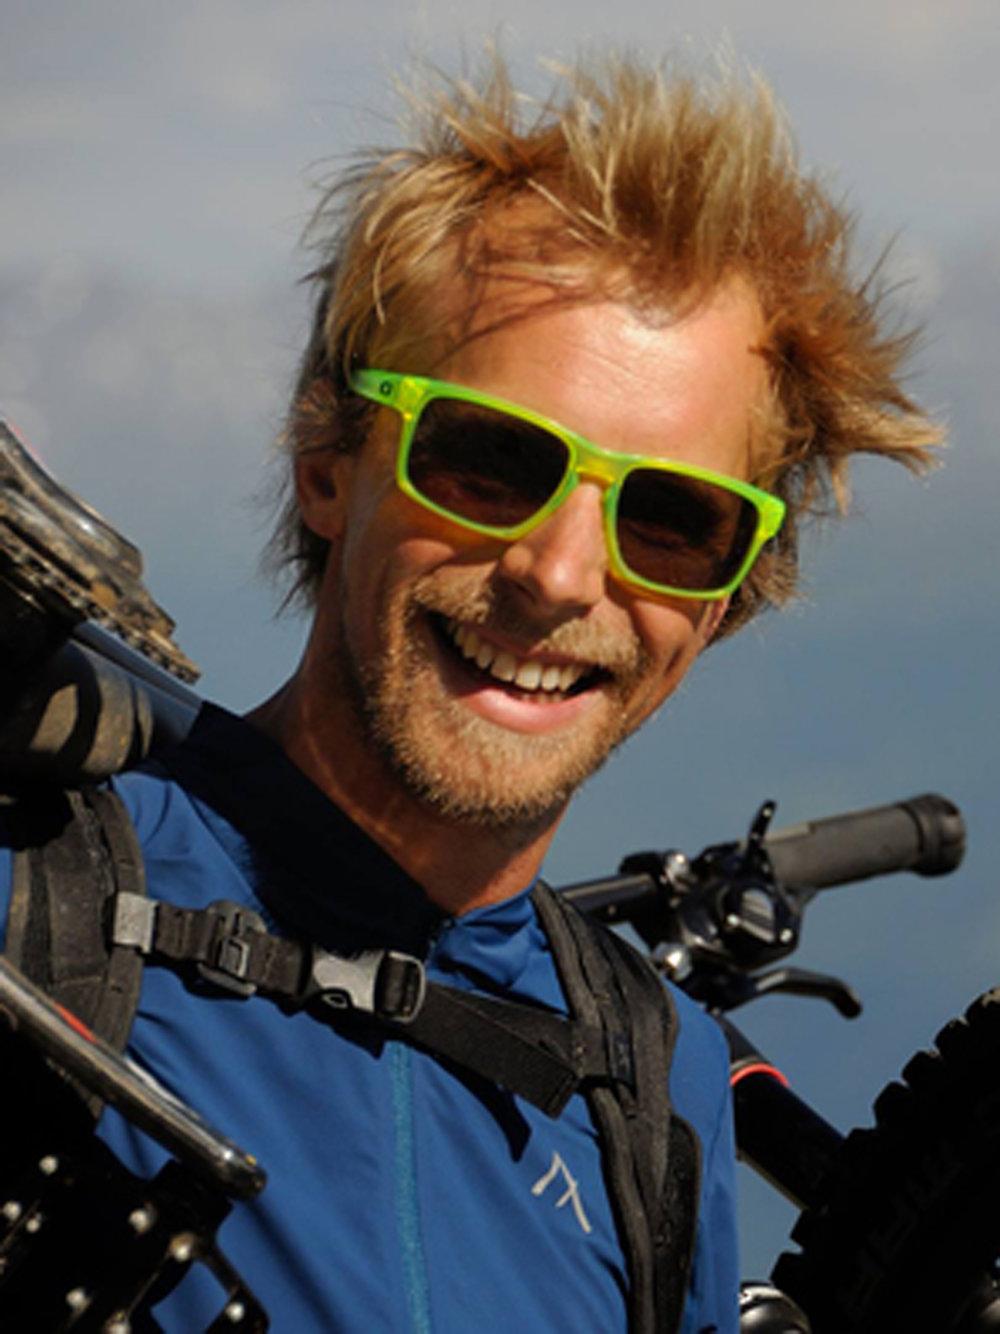 Harald  ist Mountainbike-Profi ohne Wettkampf-Ergebnisse. Stattdessen hat sich der pfiffige Wahl-Innsbrucker als Bikebergsteiger einen Namen gemacht, um schließlich im flow-Thema aufzugehen: Gemeinsam mit Dr. Simon Sirch ist er Autor des Buches  FLOW  – Warum Mountainbiken glücklich macht. Mit  Multimedia-Vorträgen  über seine Abenteuer begeistert Harald ein breites Publikum – vom Outdoorsport bis in den Businessbereich.